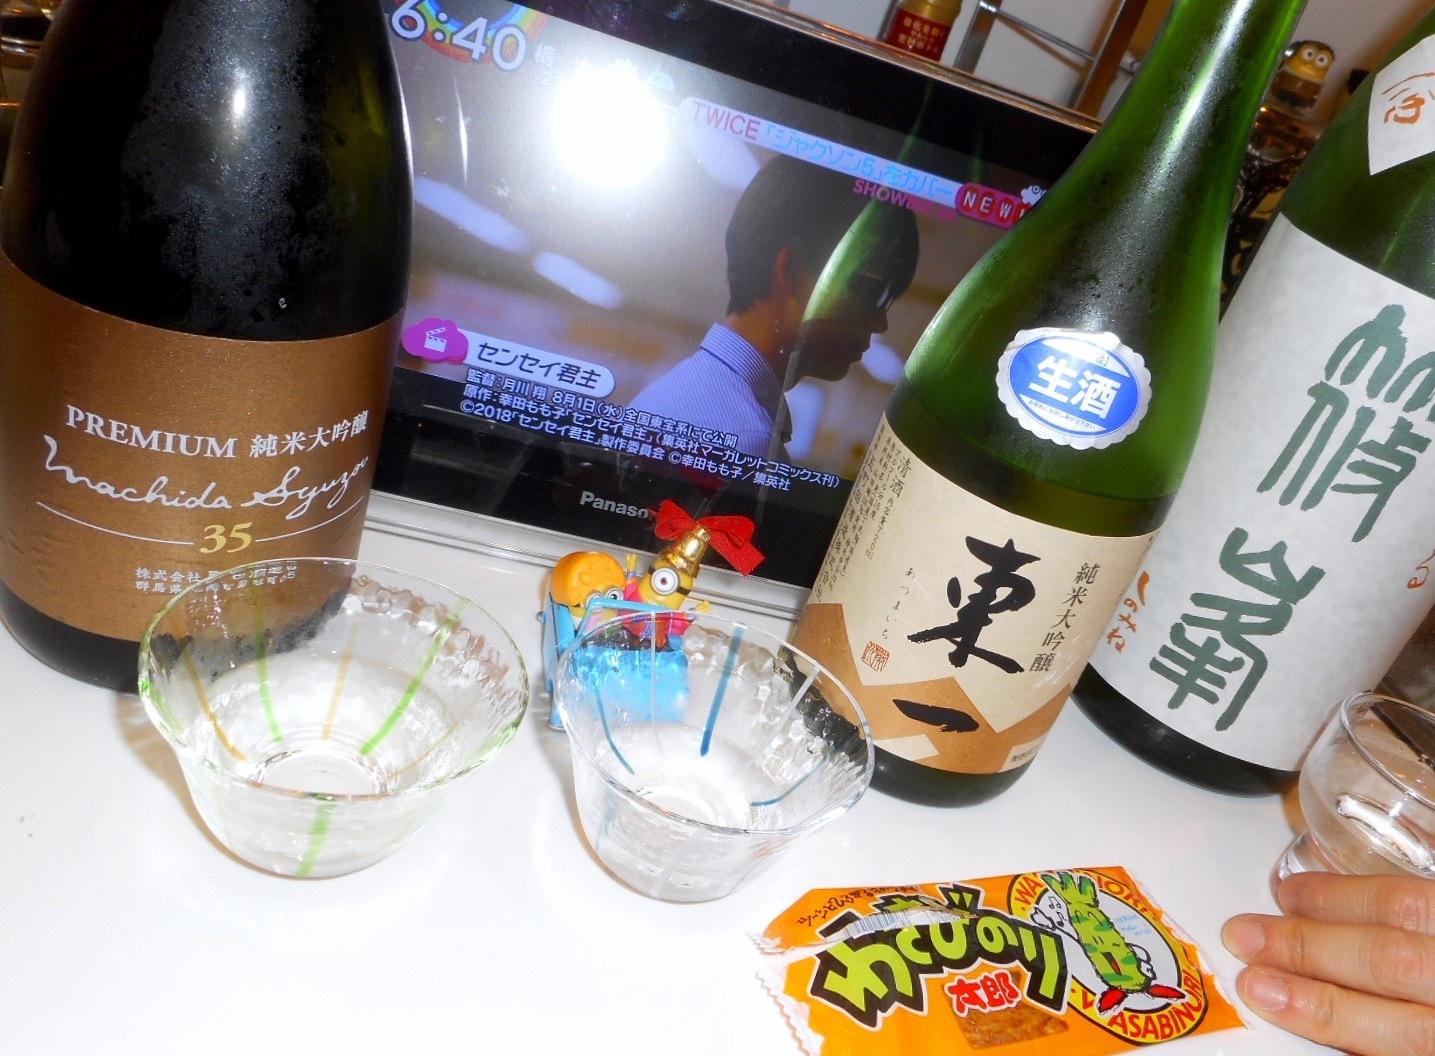 machida_premium35_29by7.jpg